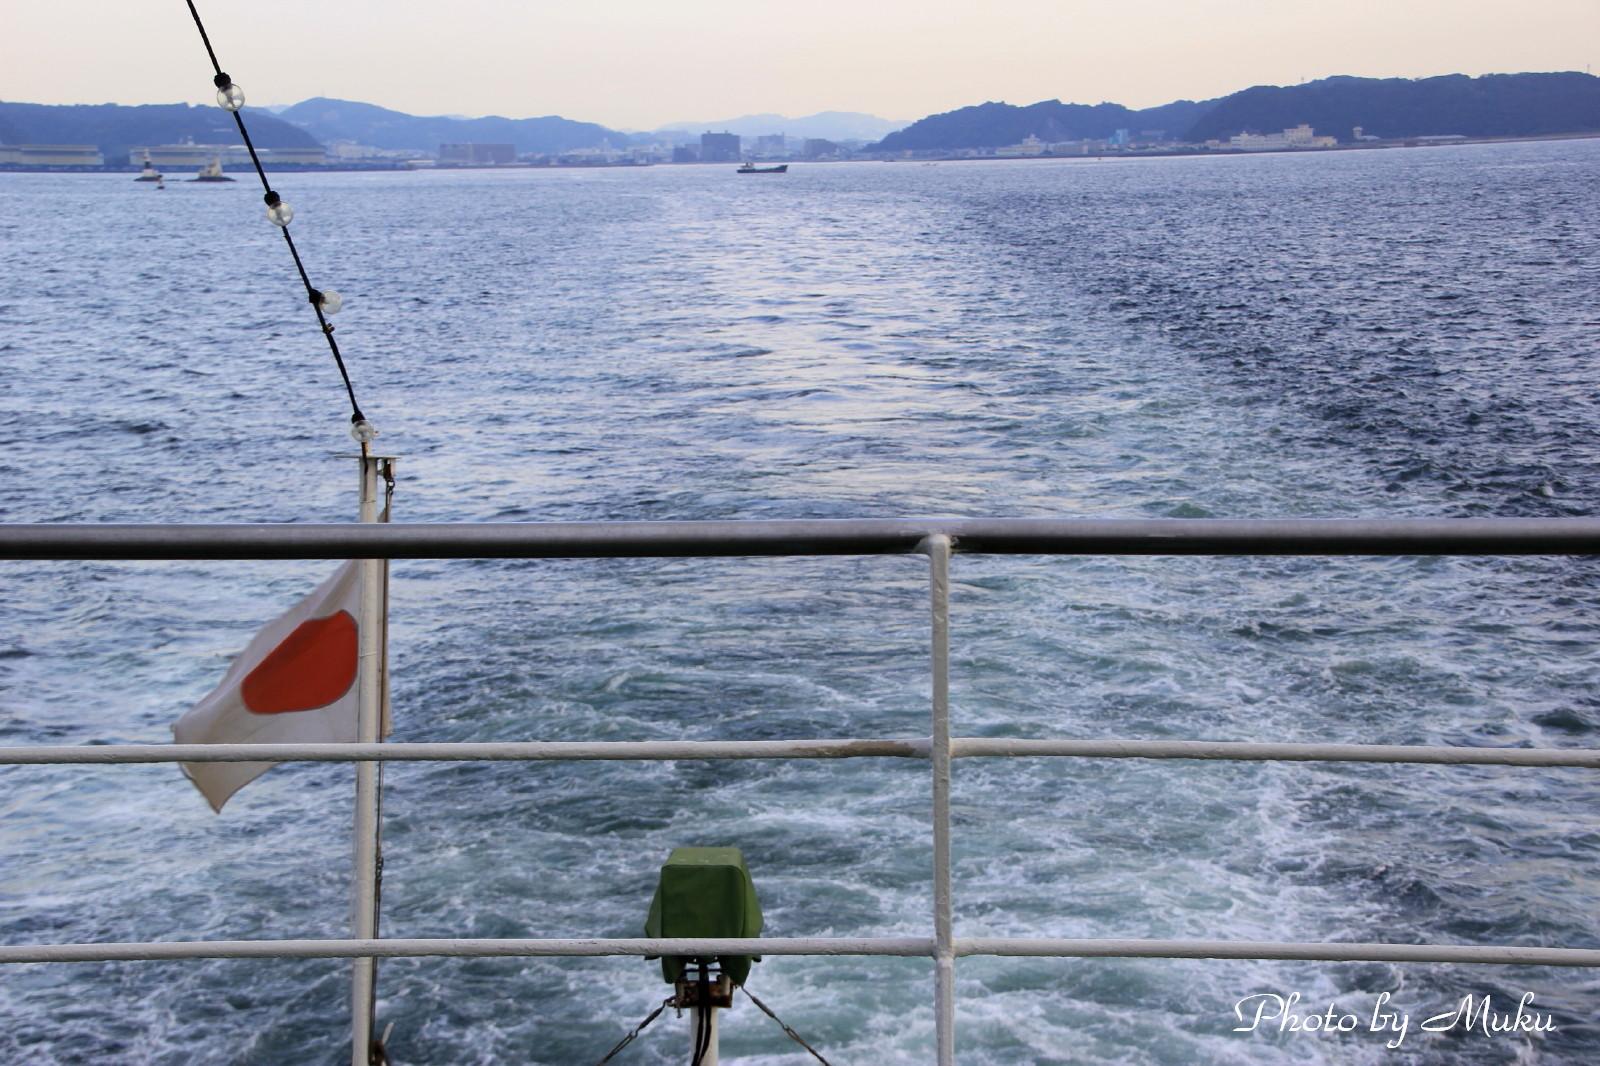 2014.9.24 東京湾フェリー (久里浜港:神奈川県横須賀市)